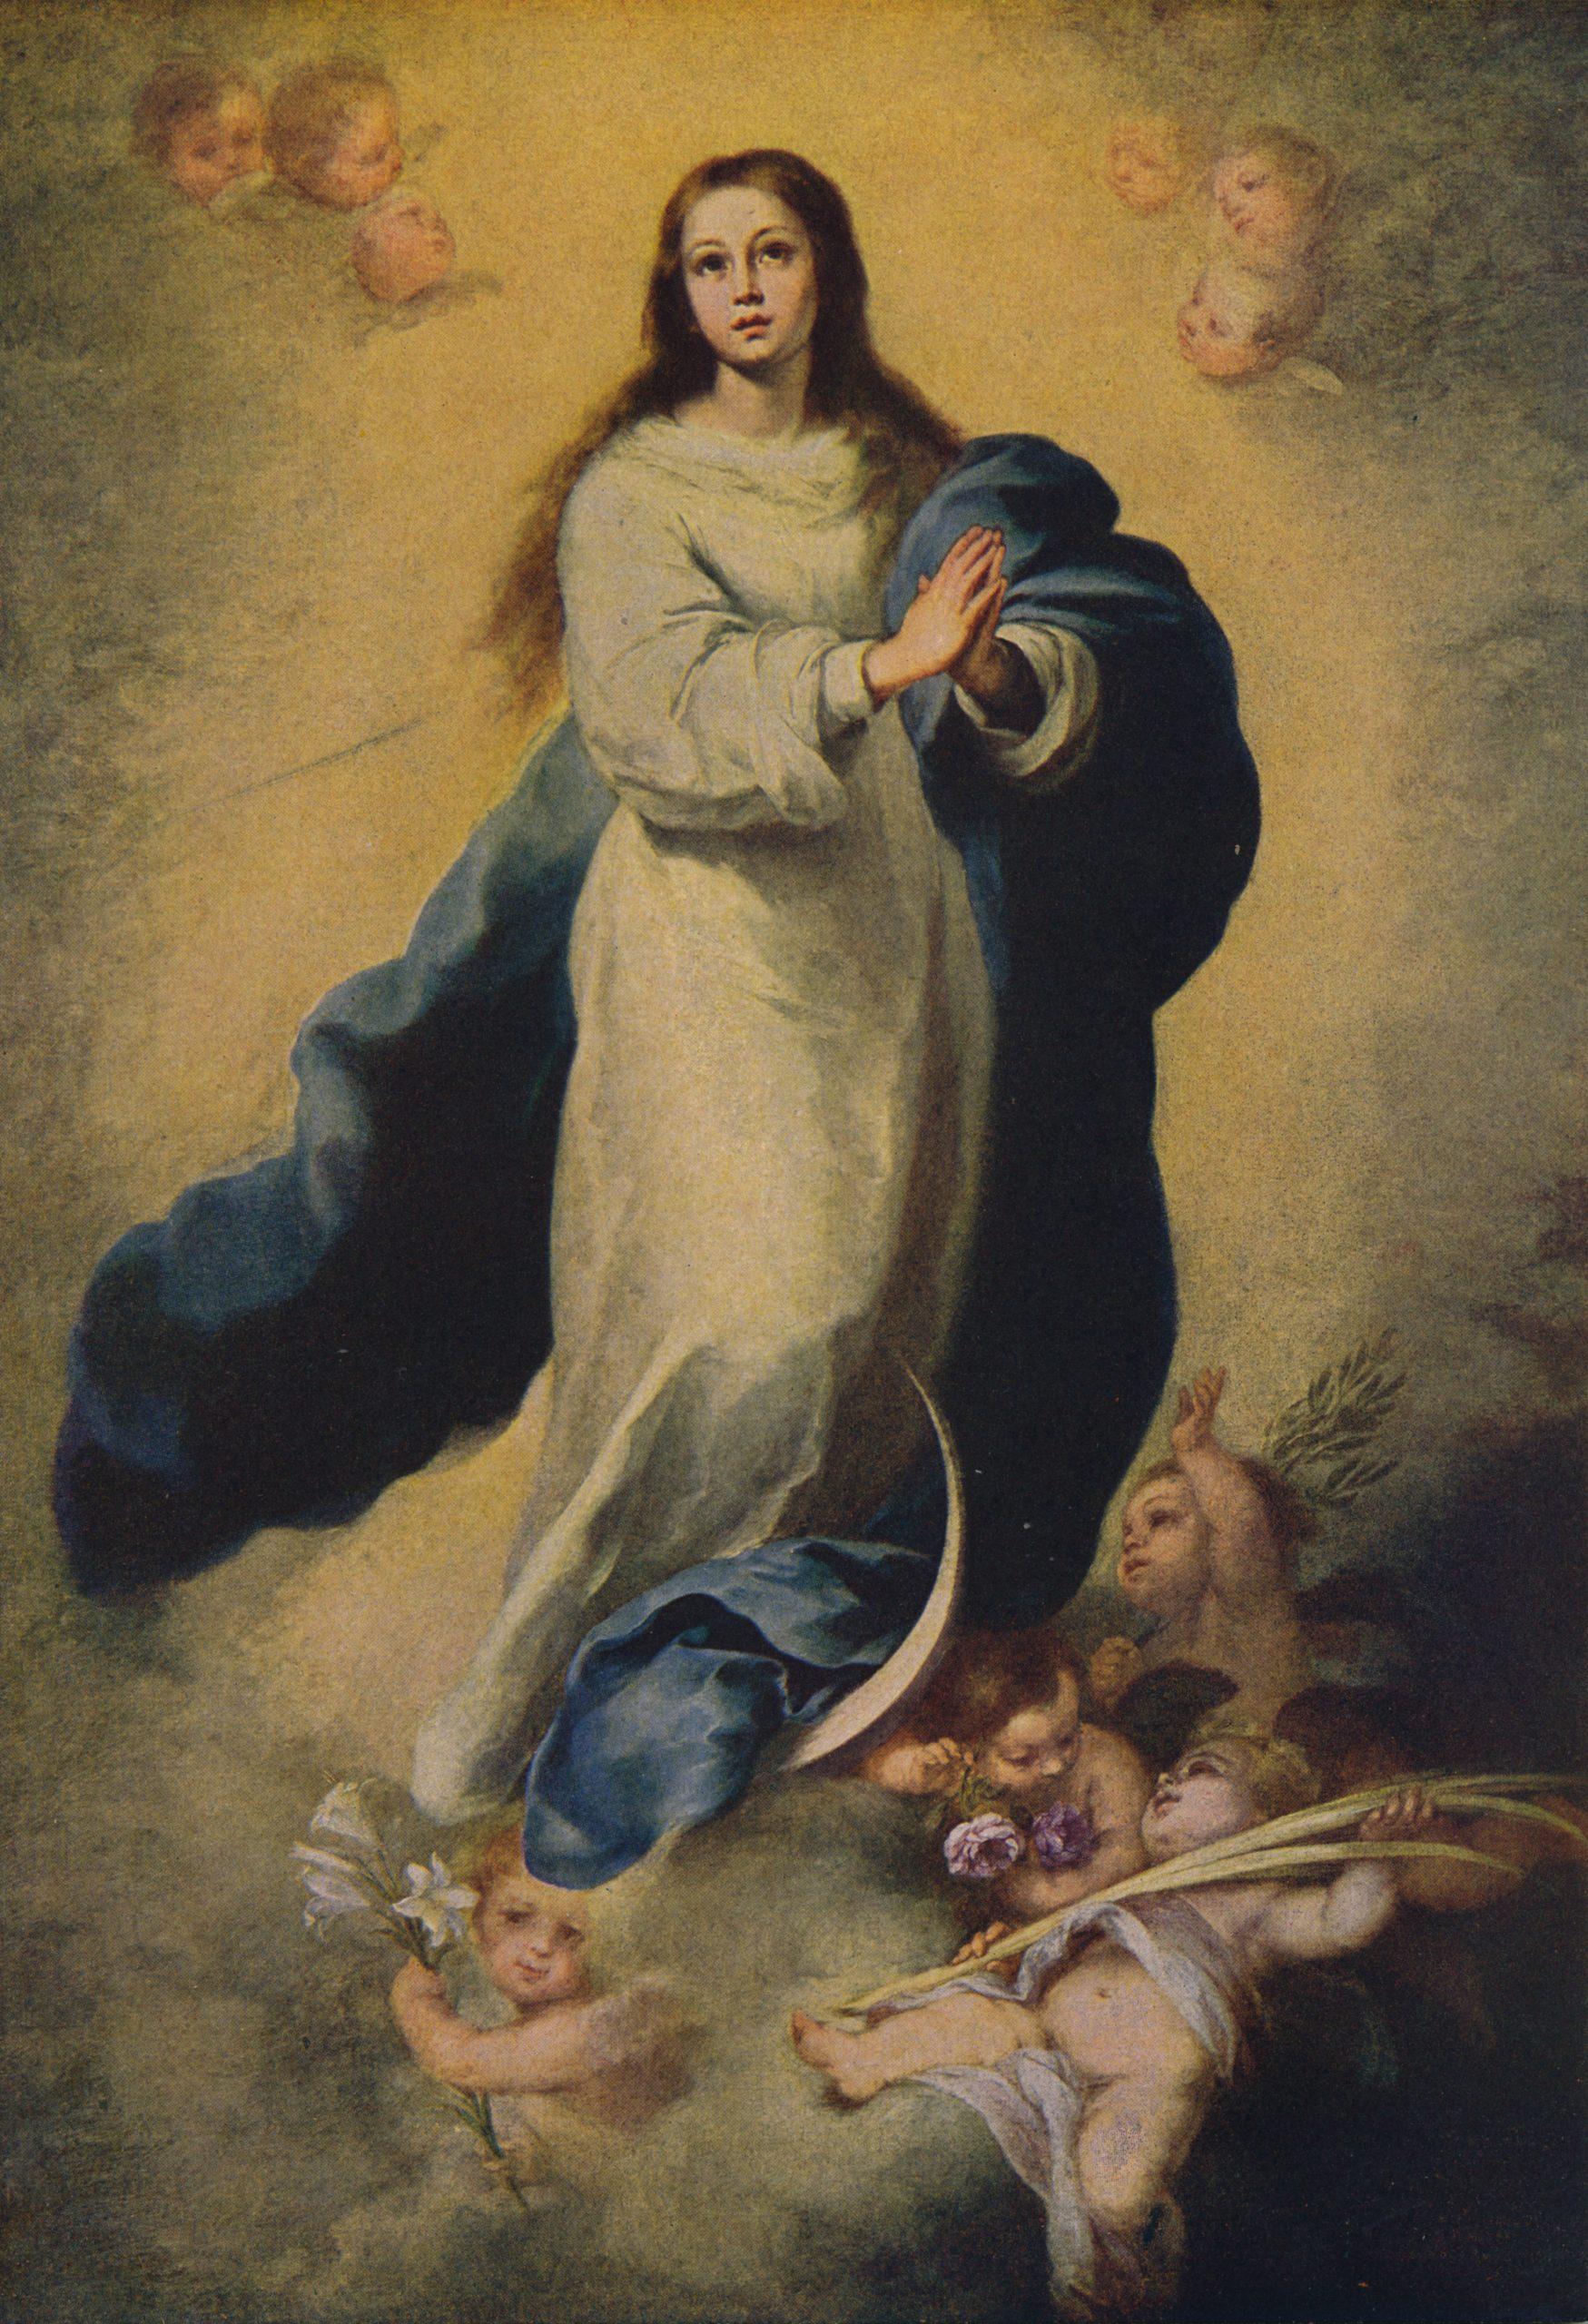 ¿Otra vez? Intentan restaurar una 'Inmaculada de Murillo' y termina como el 'Ecce Homo'